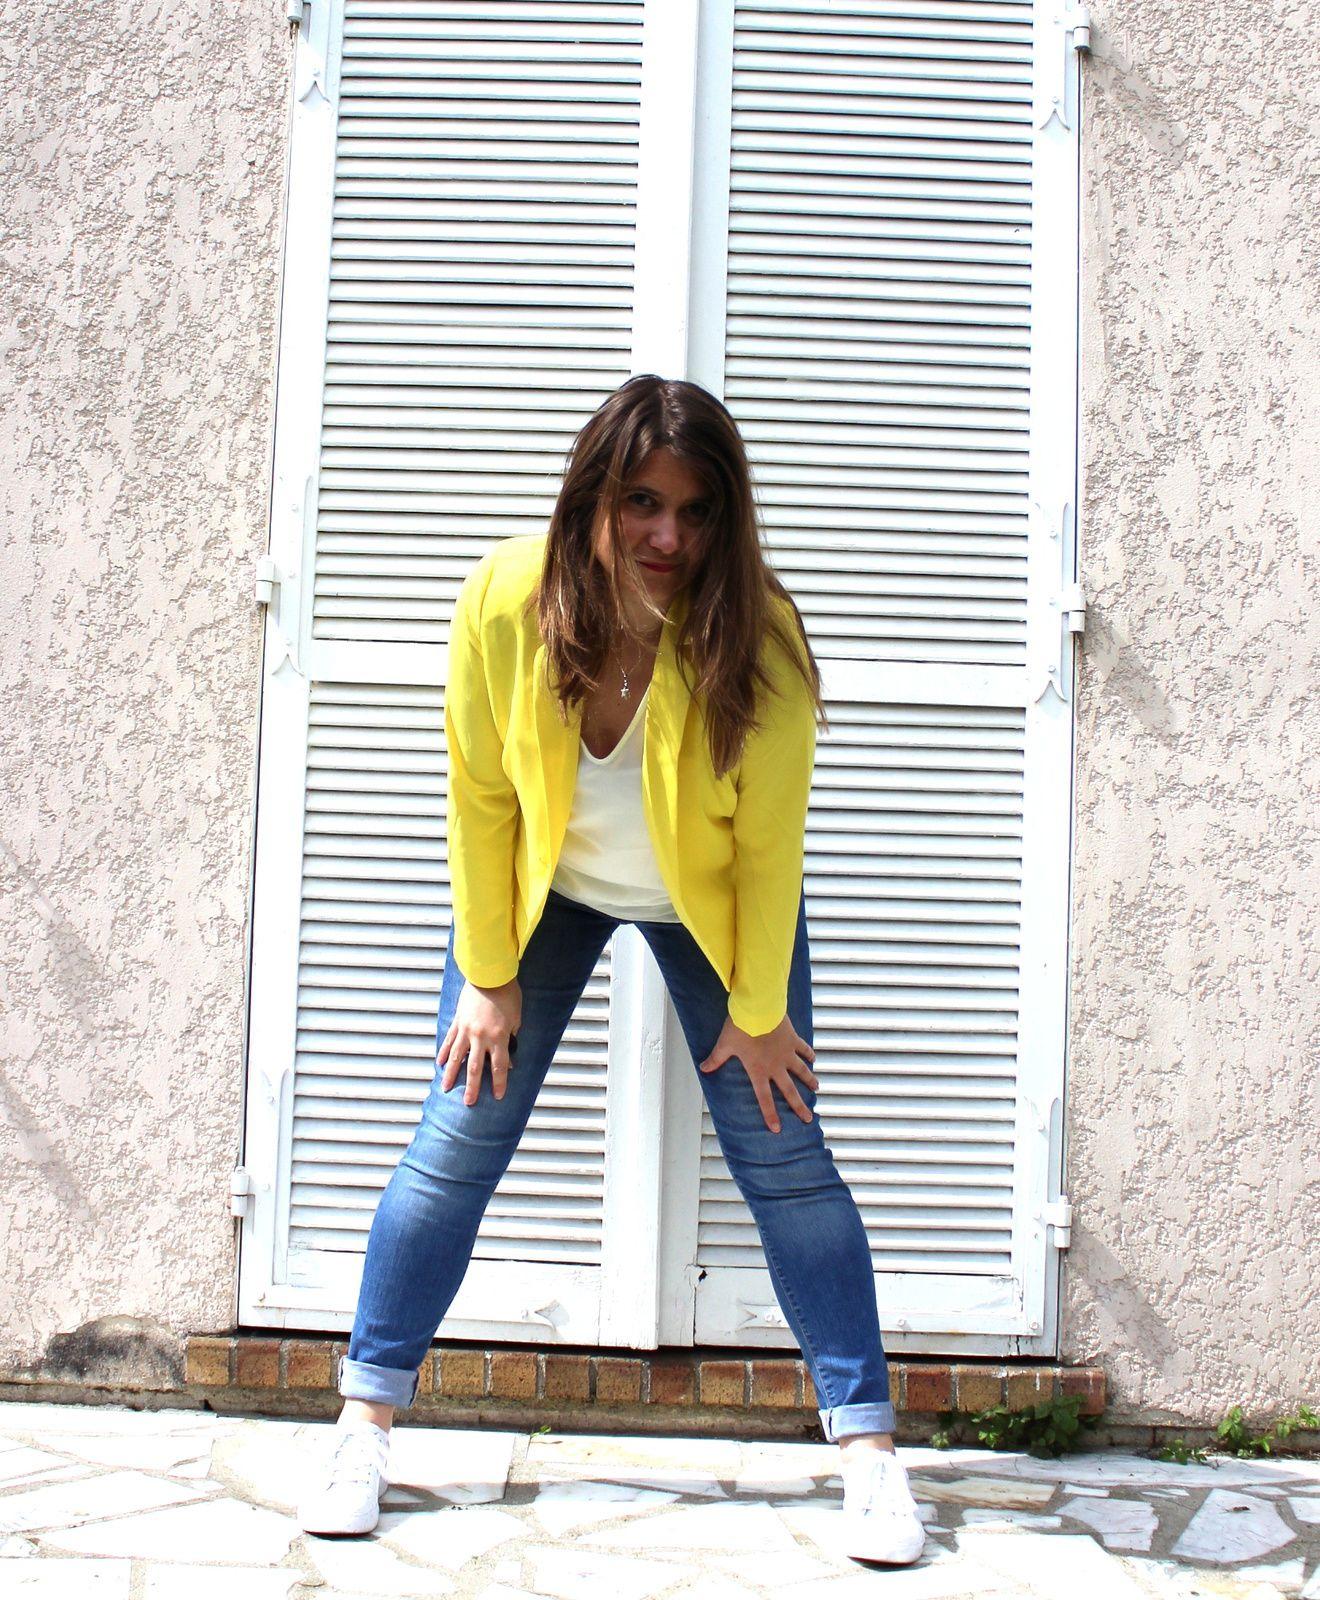 comment porter une veste jaune